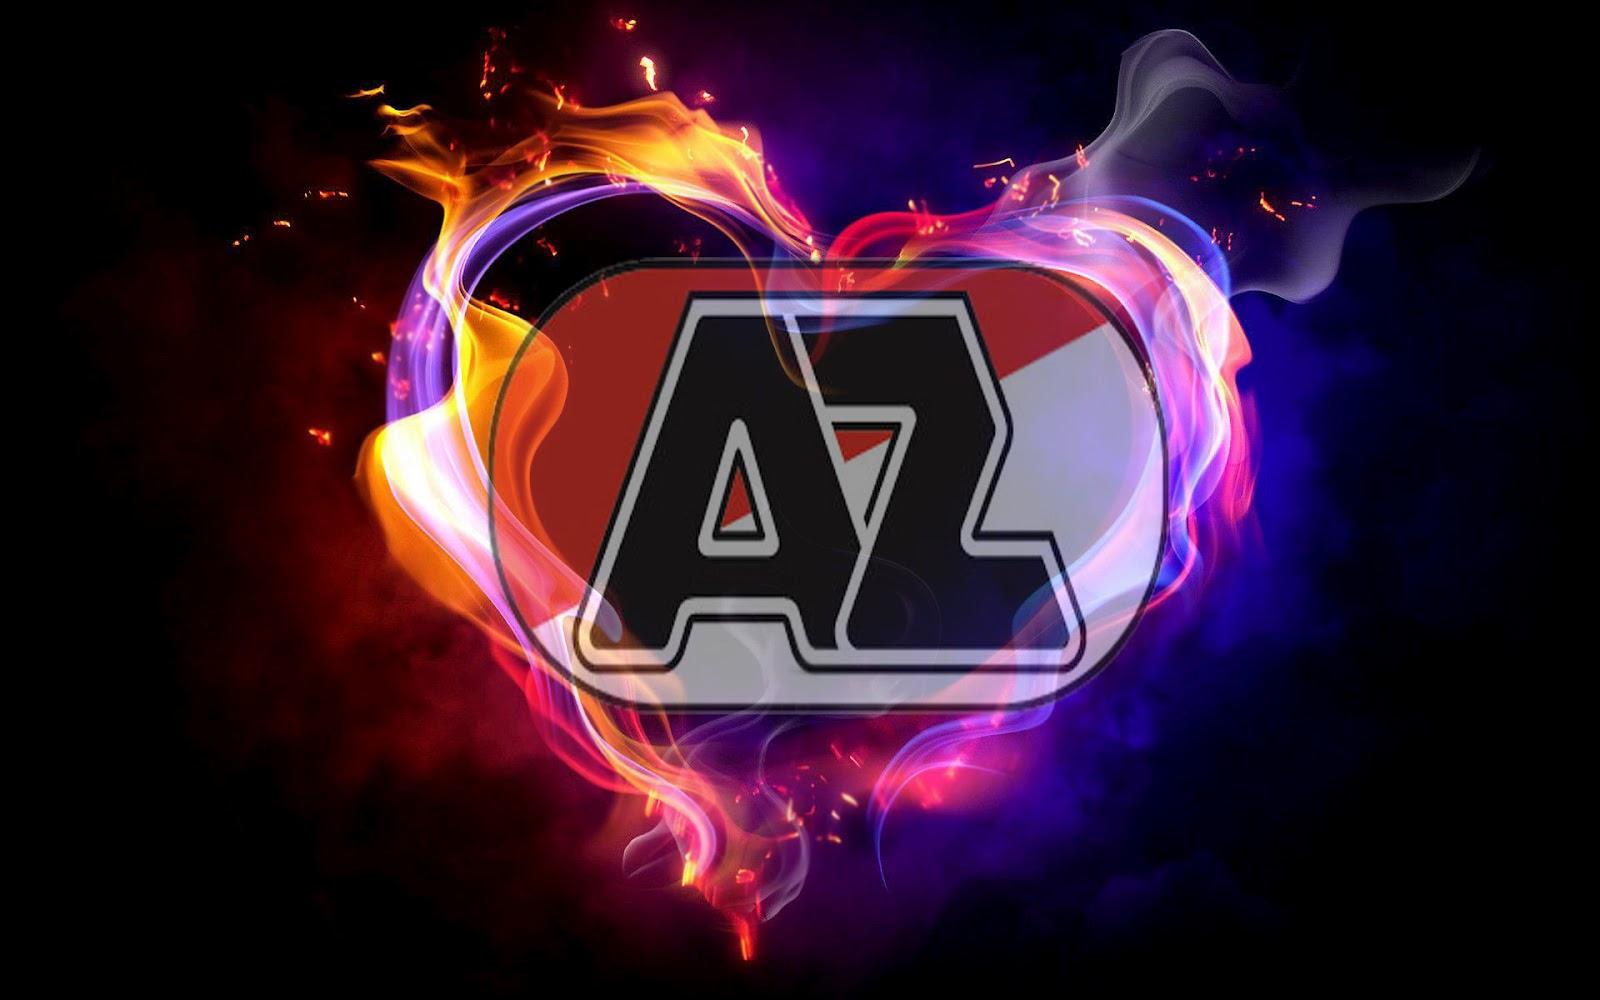 Unieke zwarte AZ wallpaper met AZ logo en liefdes hart van vuur en 1600x1000